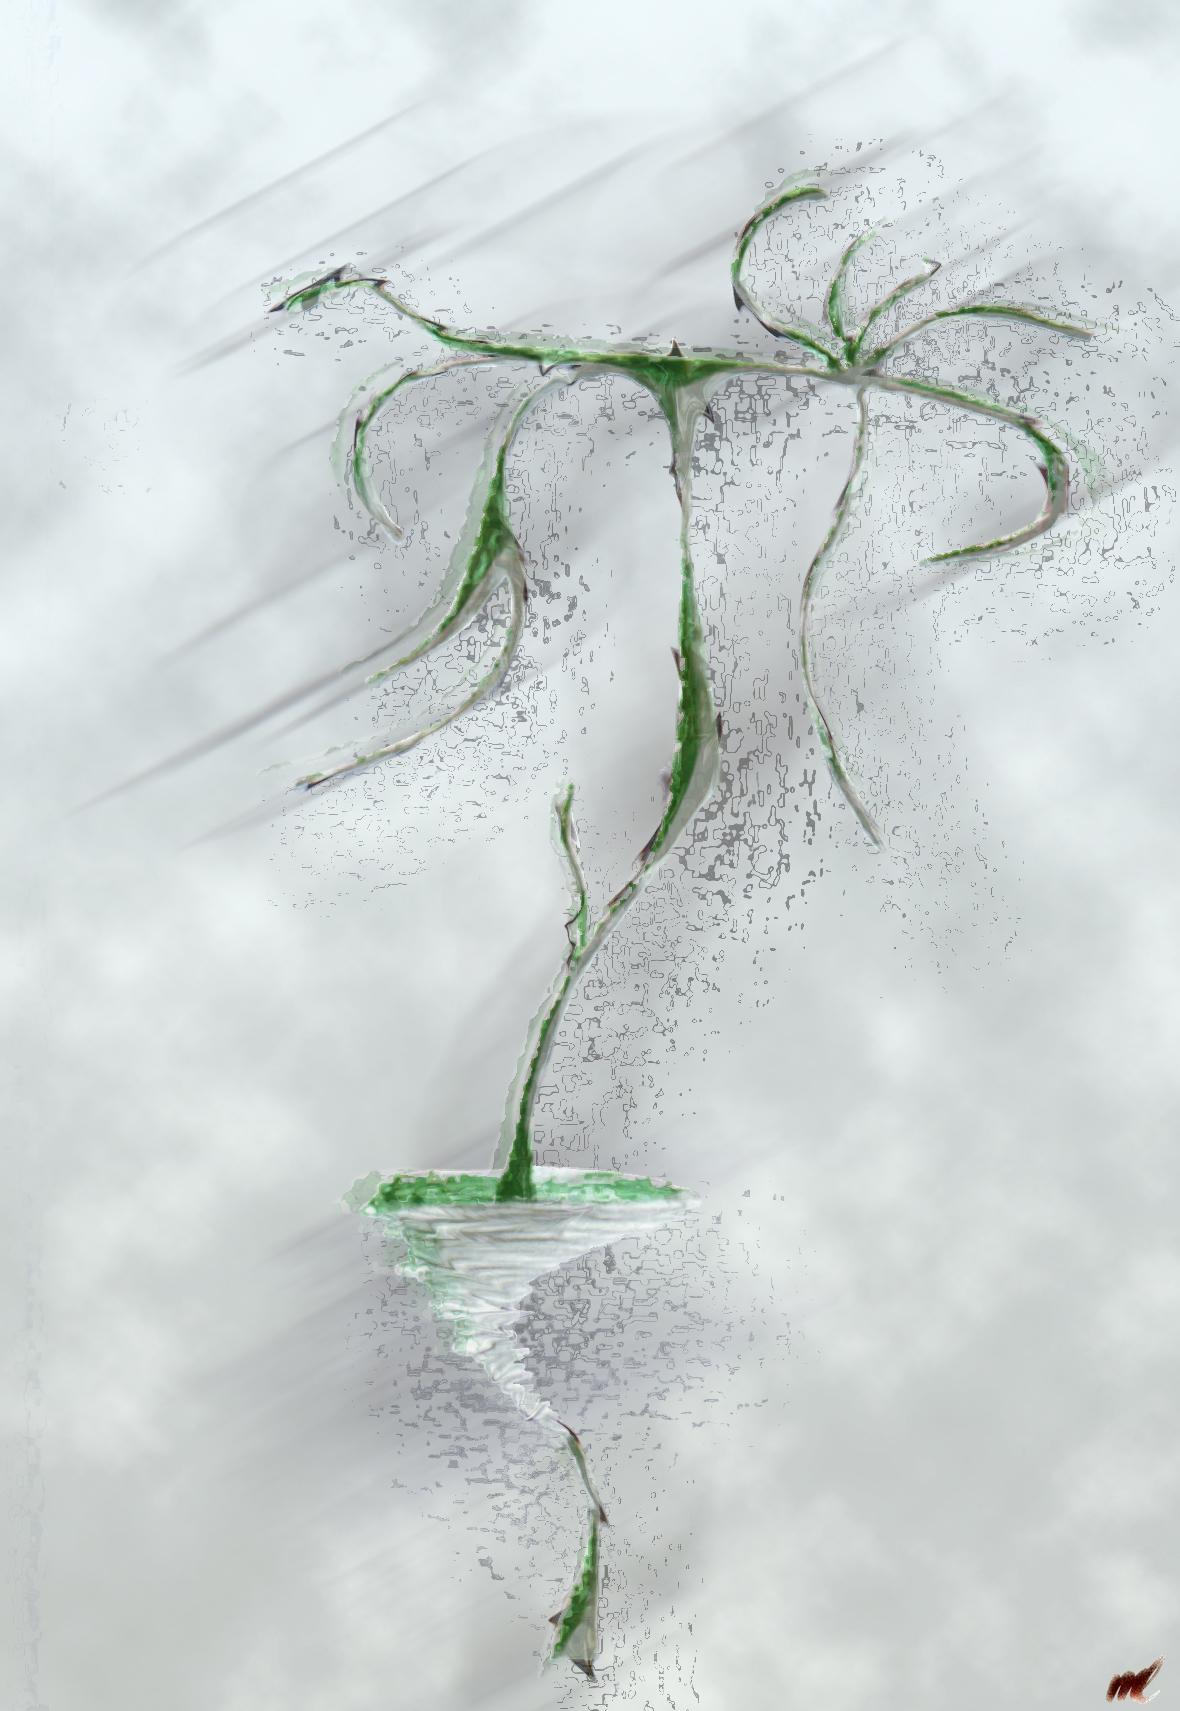 Le deuxième arbre